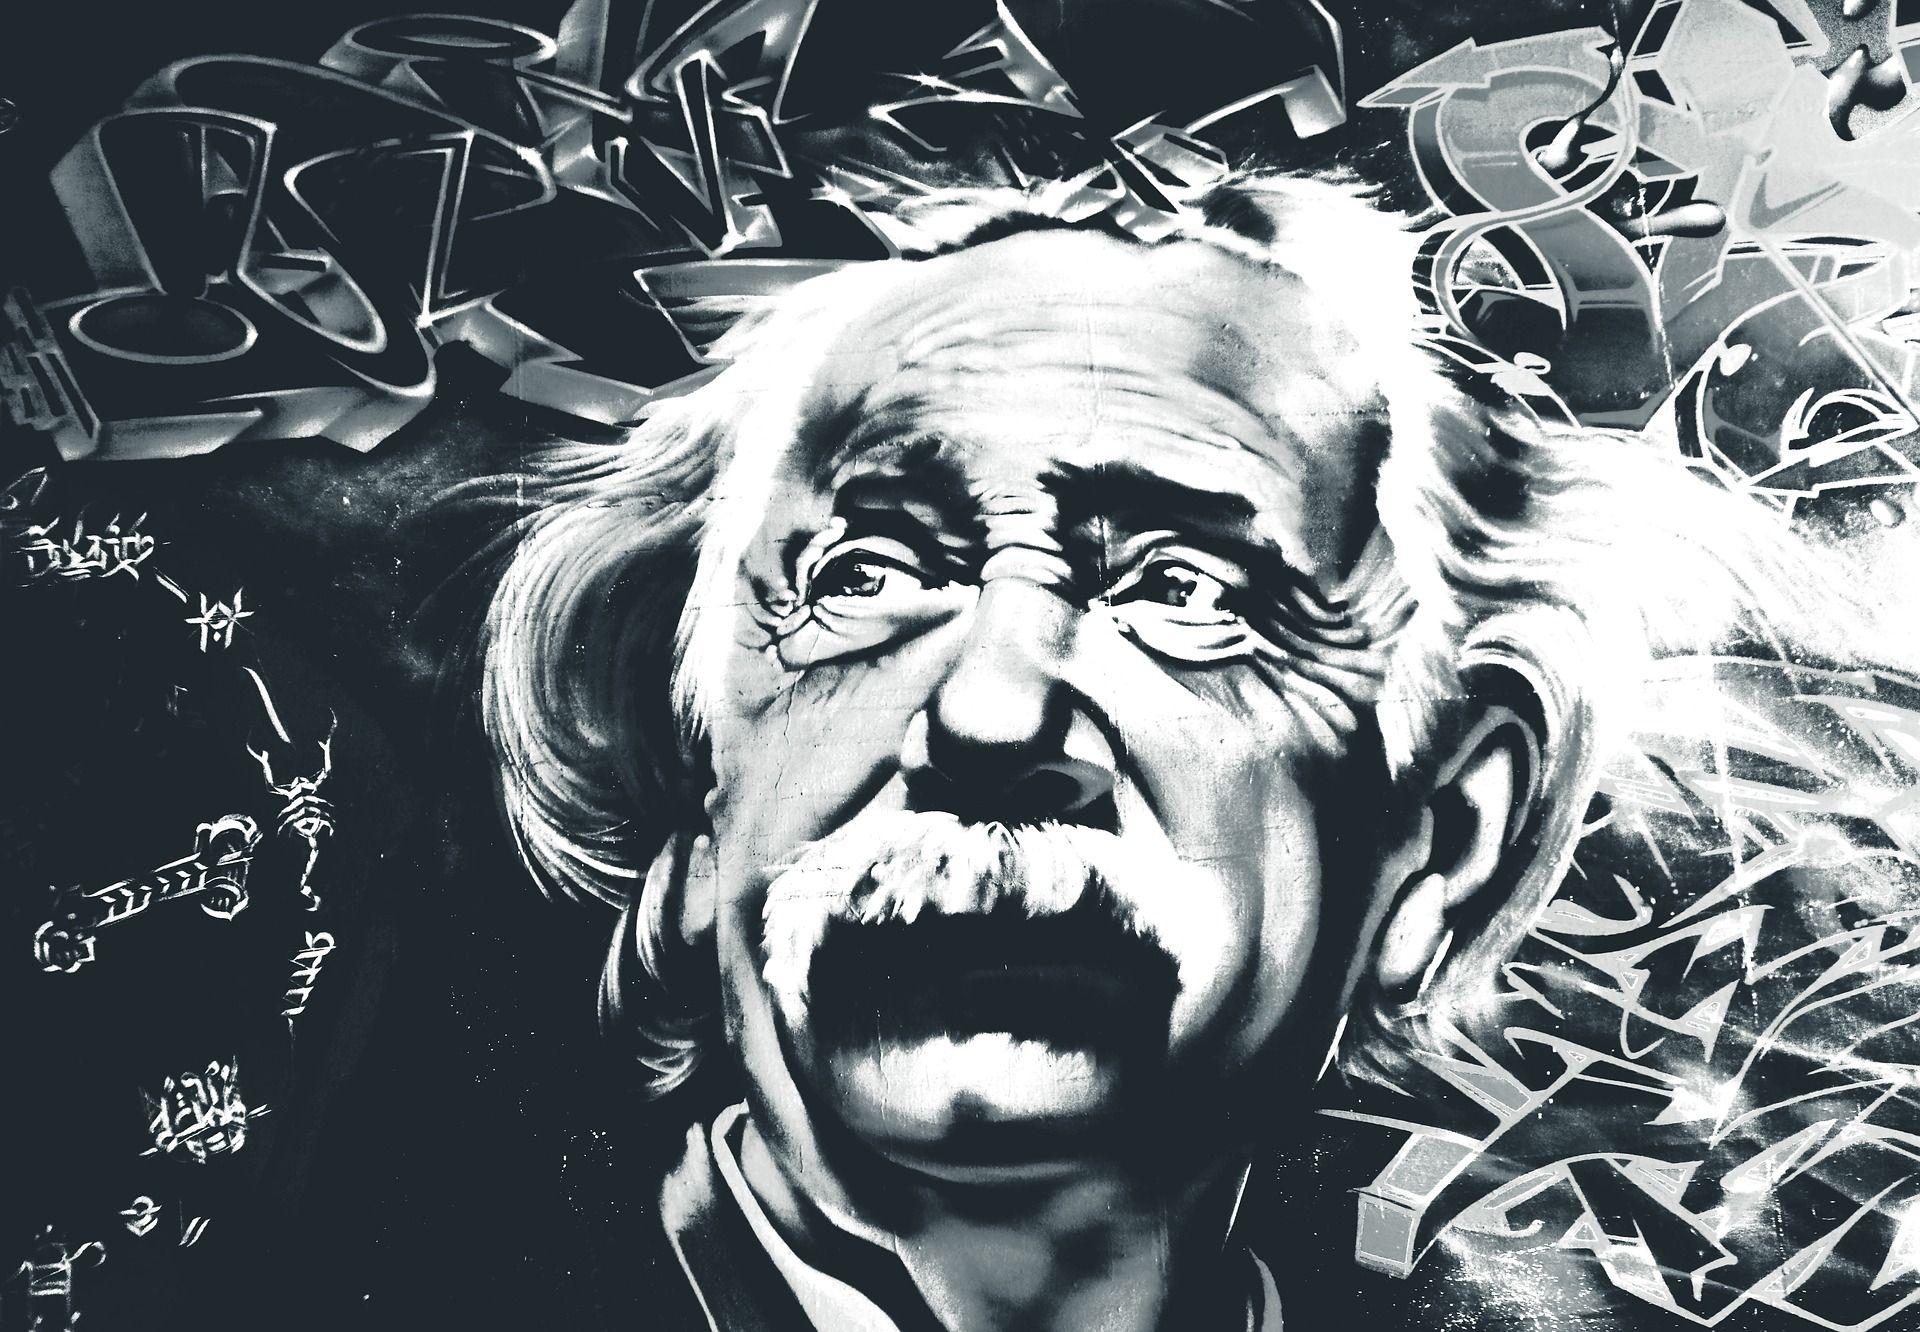 松本人志「天才は振り返り方も天才」の真意はこれだ